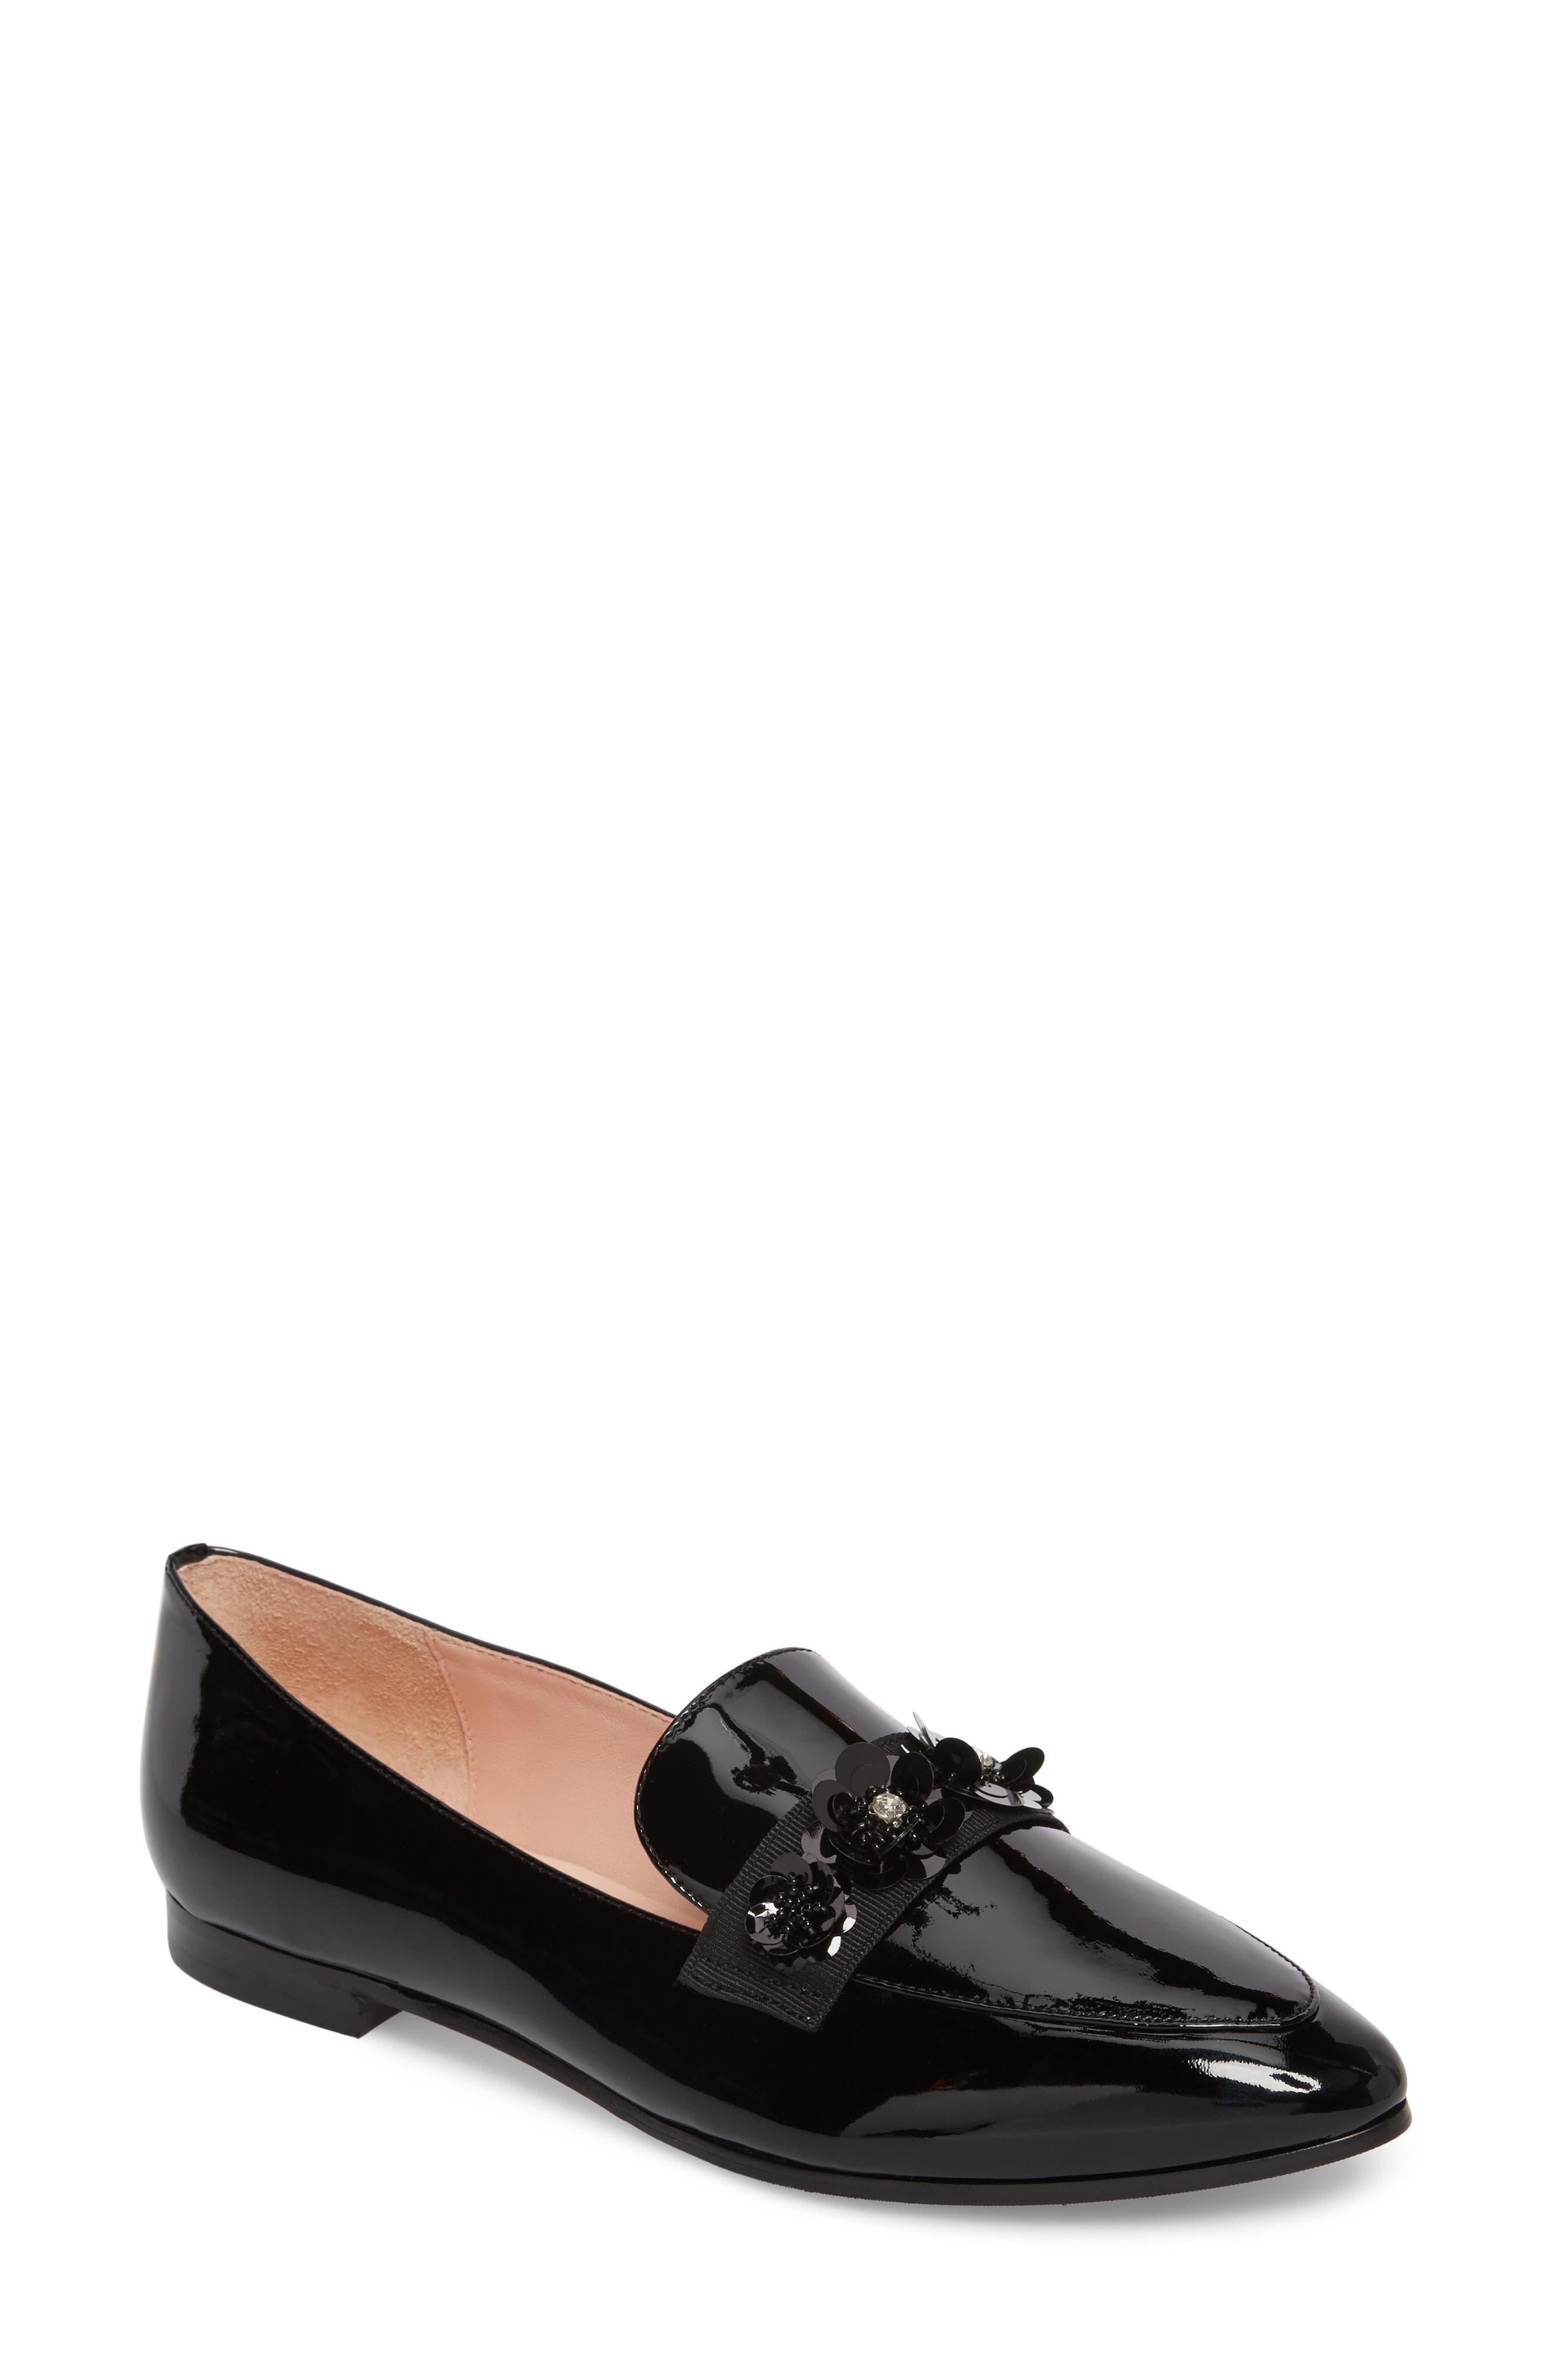 cleo embellished loafer,                         Main,                         color, 001